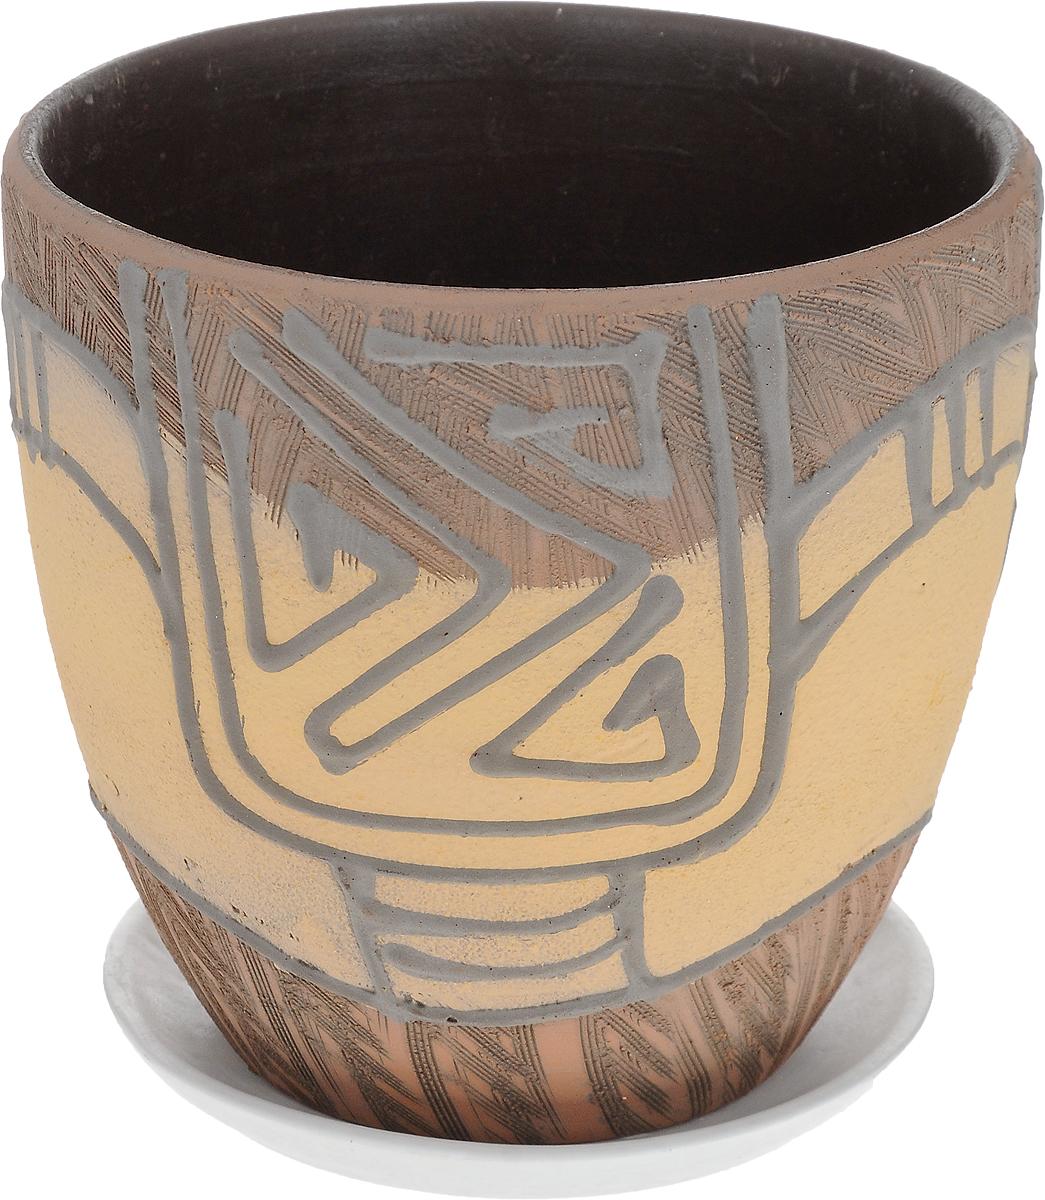 Кашпо Водоворот, 1,5 л1138557Комнатные растения — всеобщие любимцы. Они радуют глаз, насыщают помещение кислородом и украшают пространство. Каждому из них необходим свой удобный и красивый дом. Кашпо из керамики прекрасно подходит для высадки растений: за счет пластичности глины и разных способов обработки существует великое множество форм и дизайнов, пористый материал позволяет испаряться лишней влаге, воздух, необходимый для дыхания корней, проникает сквозь керамические стенки. Кашпо Водоворот освежит интерьер и подчеркнет его стиль.